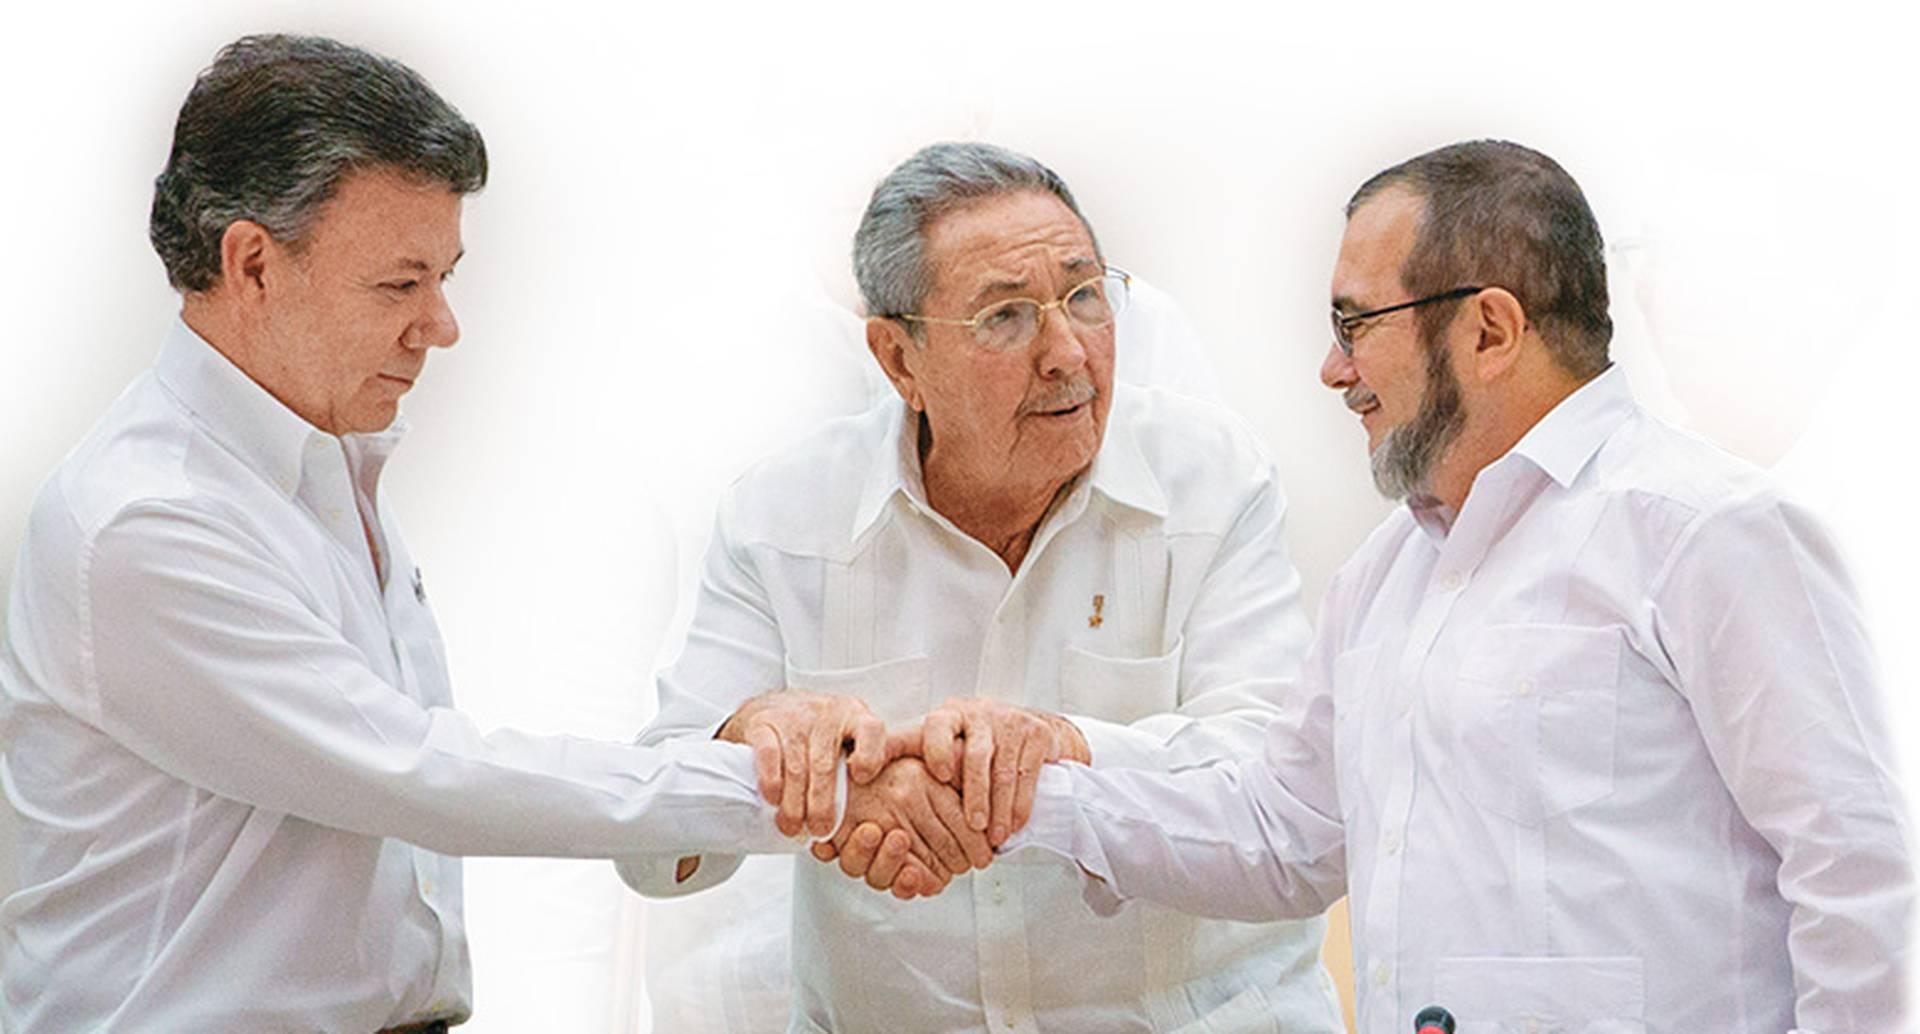 El encuentro entre Santos y Timochenko con Raúl Castro cambió el panorama de la opinión pública. Subió el optimismo sobre los diálogos.